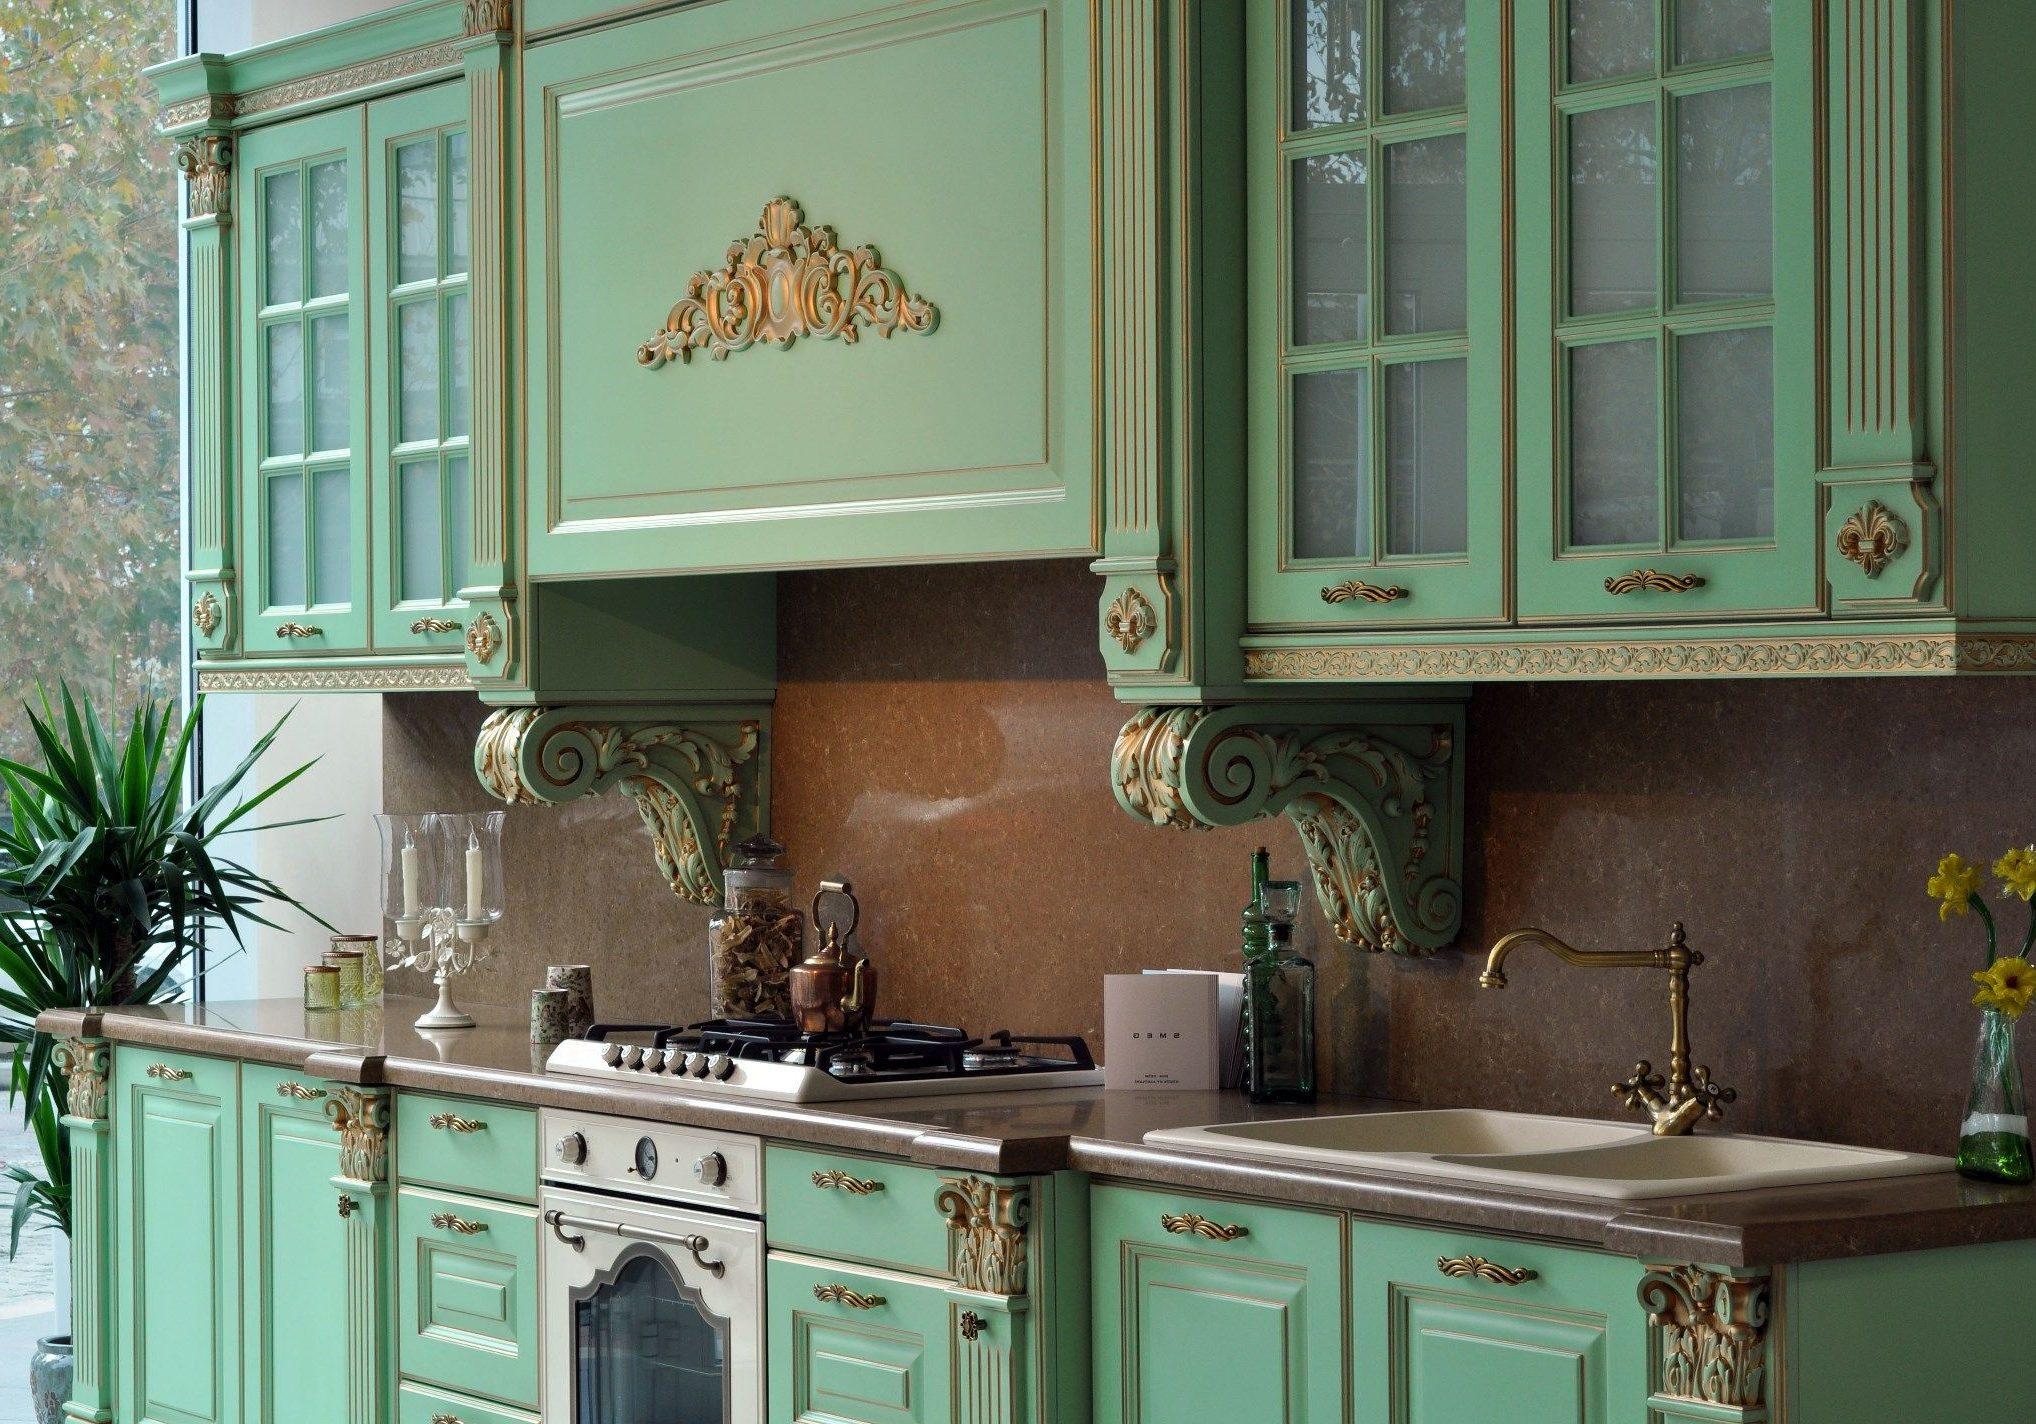 Прямая зеленая кухня с патиной золото, ближайший стиль барокко, отлично будет выглядеть в классике